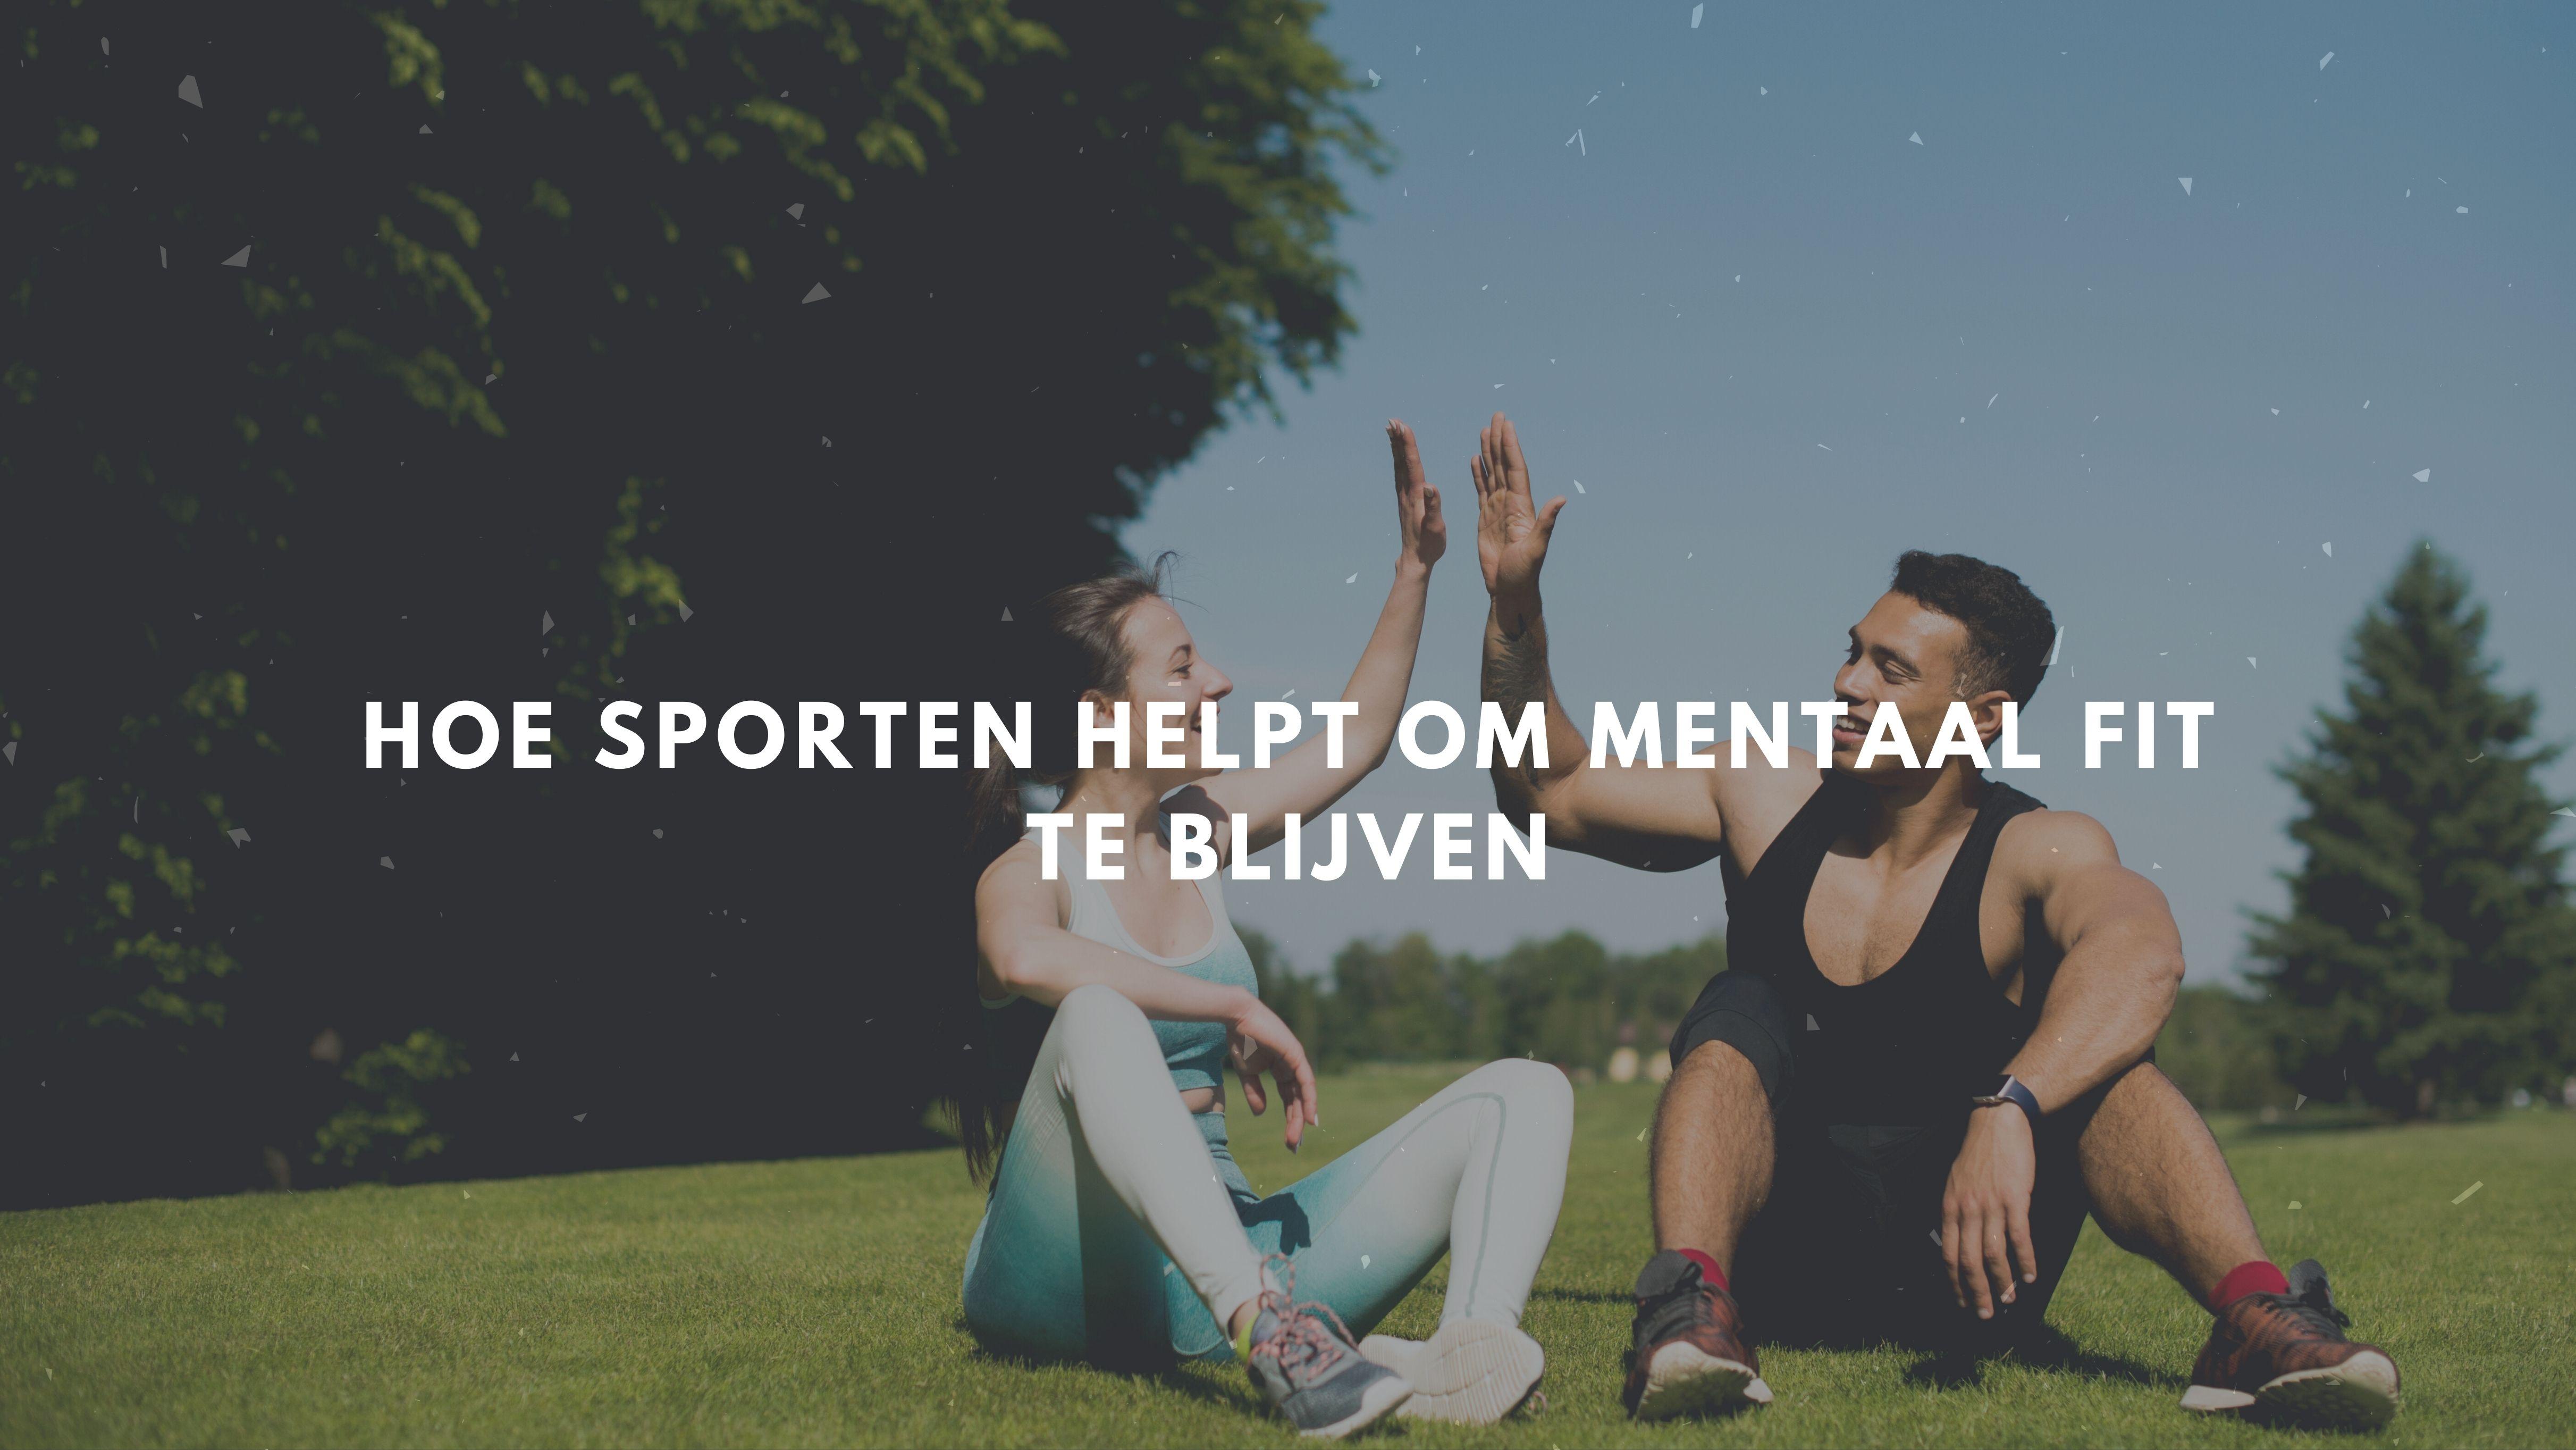 Hoe sporten helpt om mentaal fit te blijven